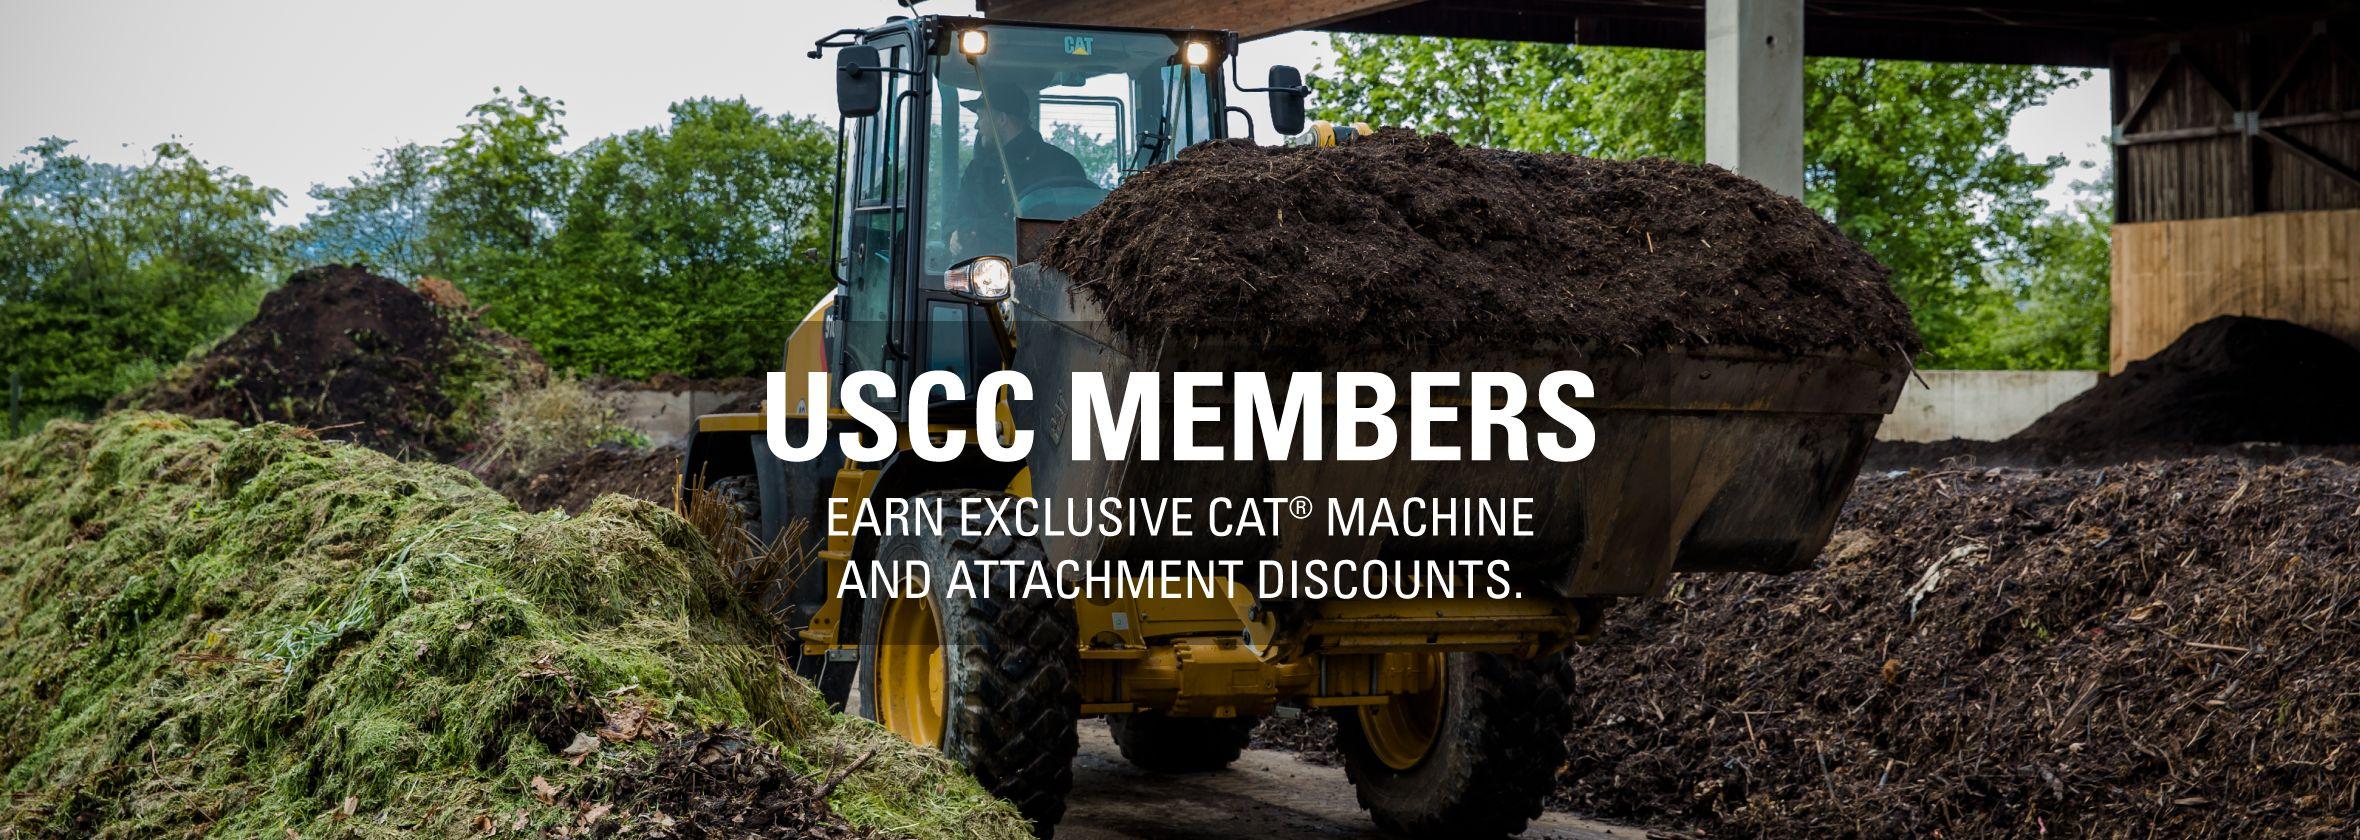 USCC members